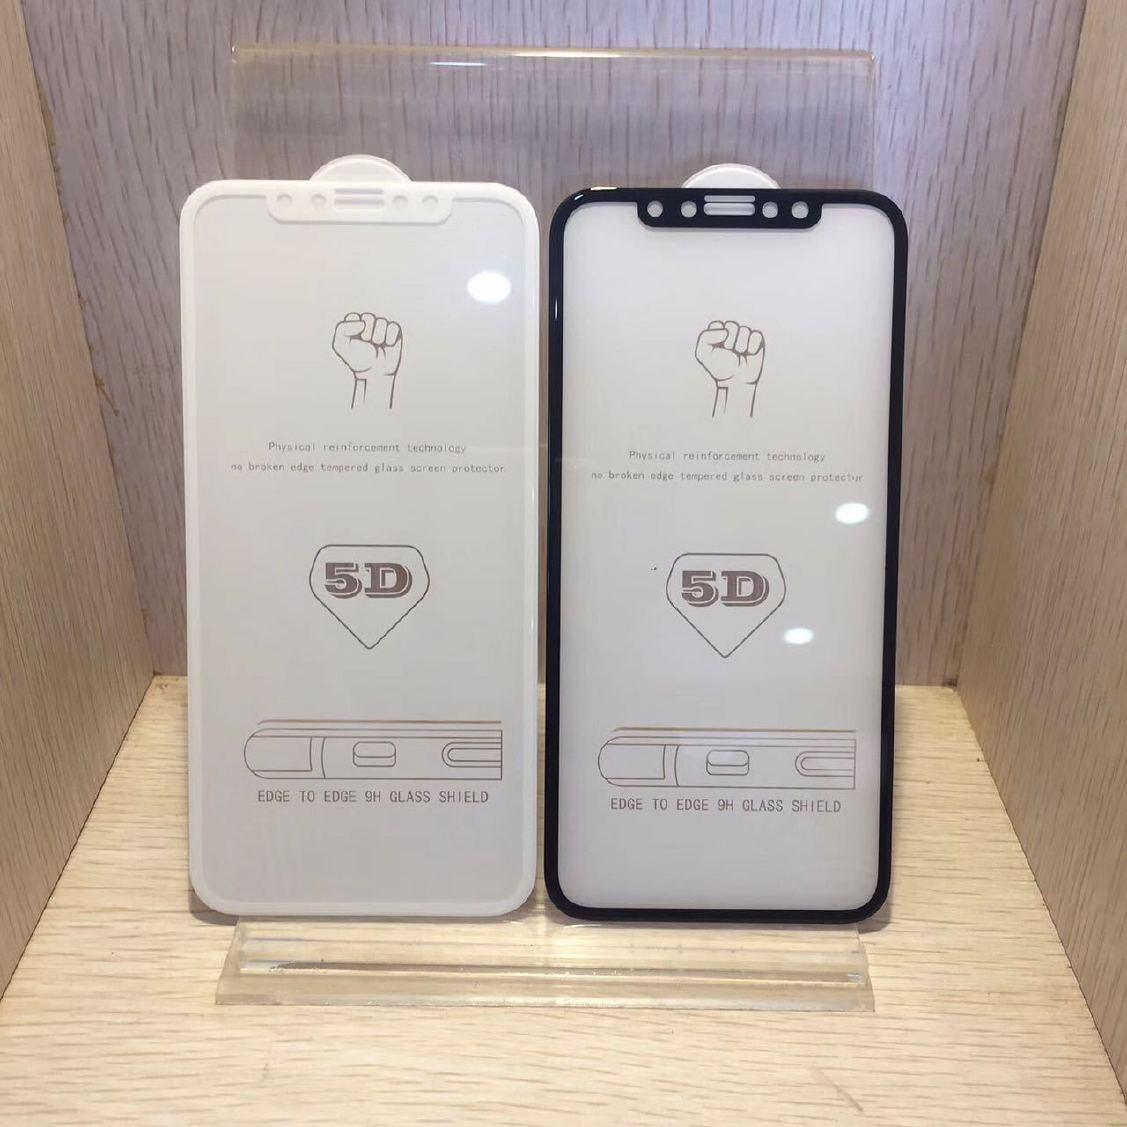 冷雕iphoneX装修膜教程X视频全钢化硬边全玻曲面苹果网店覆盖图片